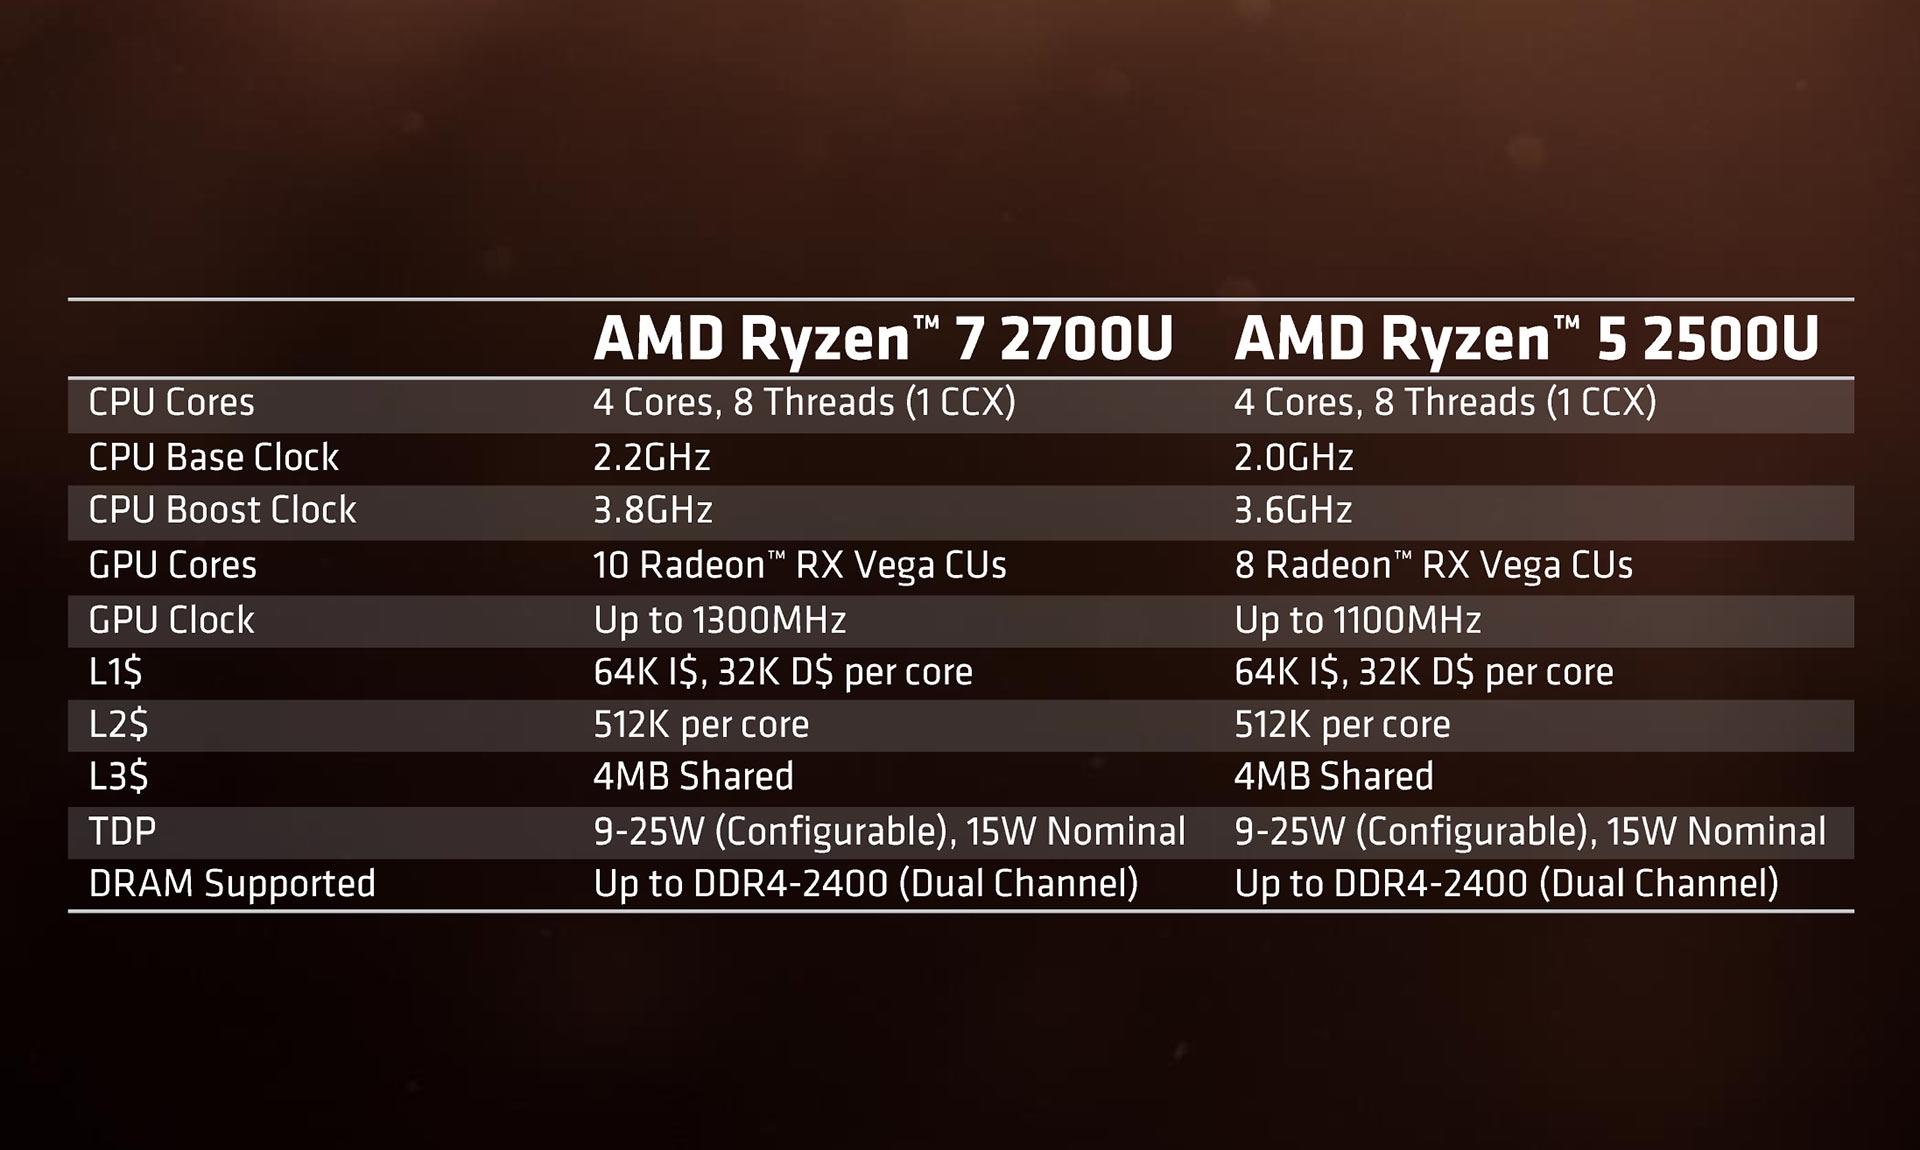 AMD выпустила мобильные процессоры семейства Ryzen с значимым приростом производительности